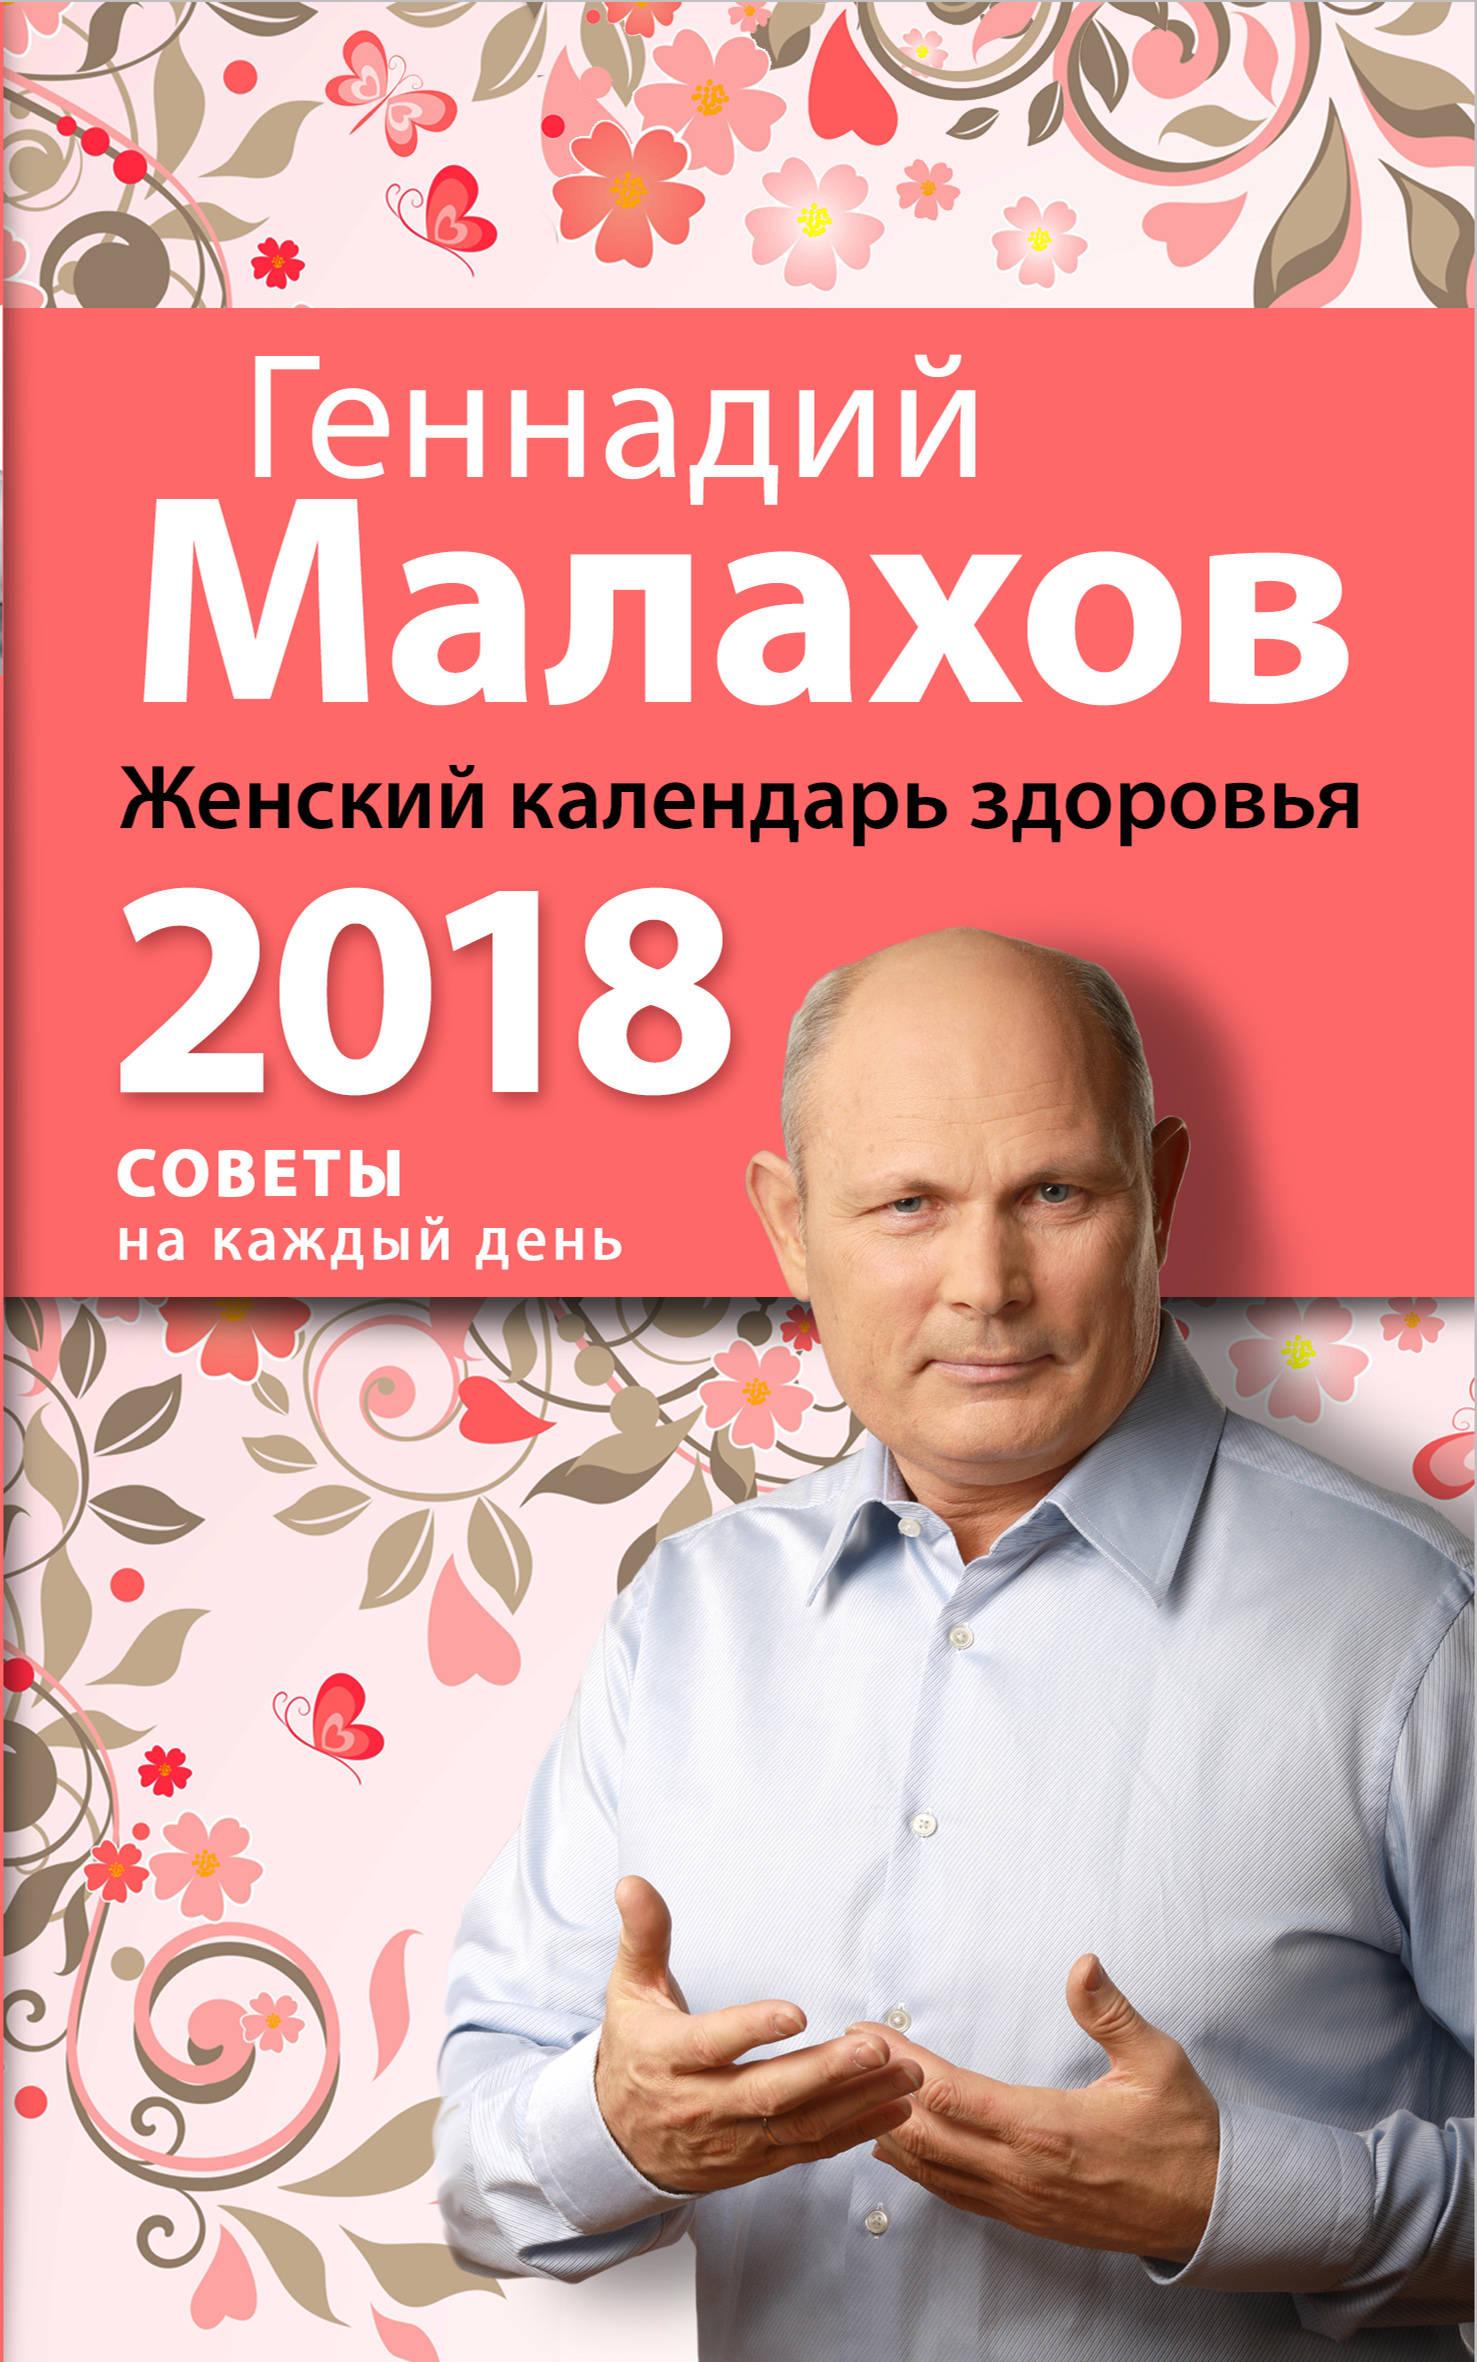 Геннадий Малахов Женский календарь здоровья. 2018 год